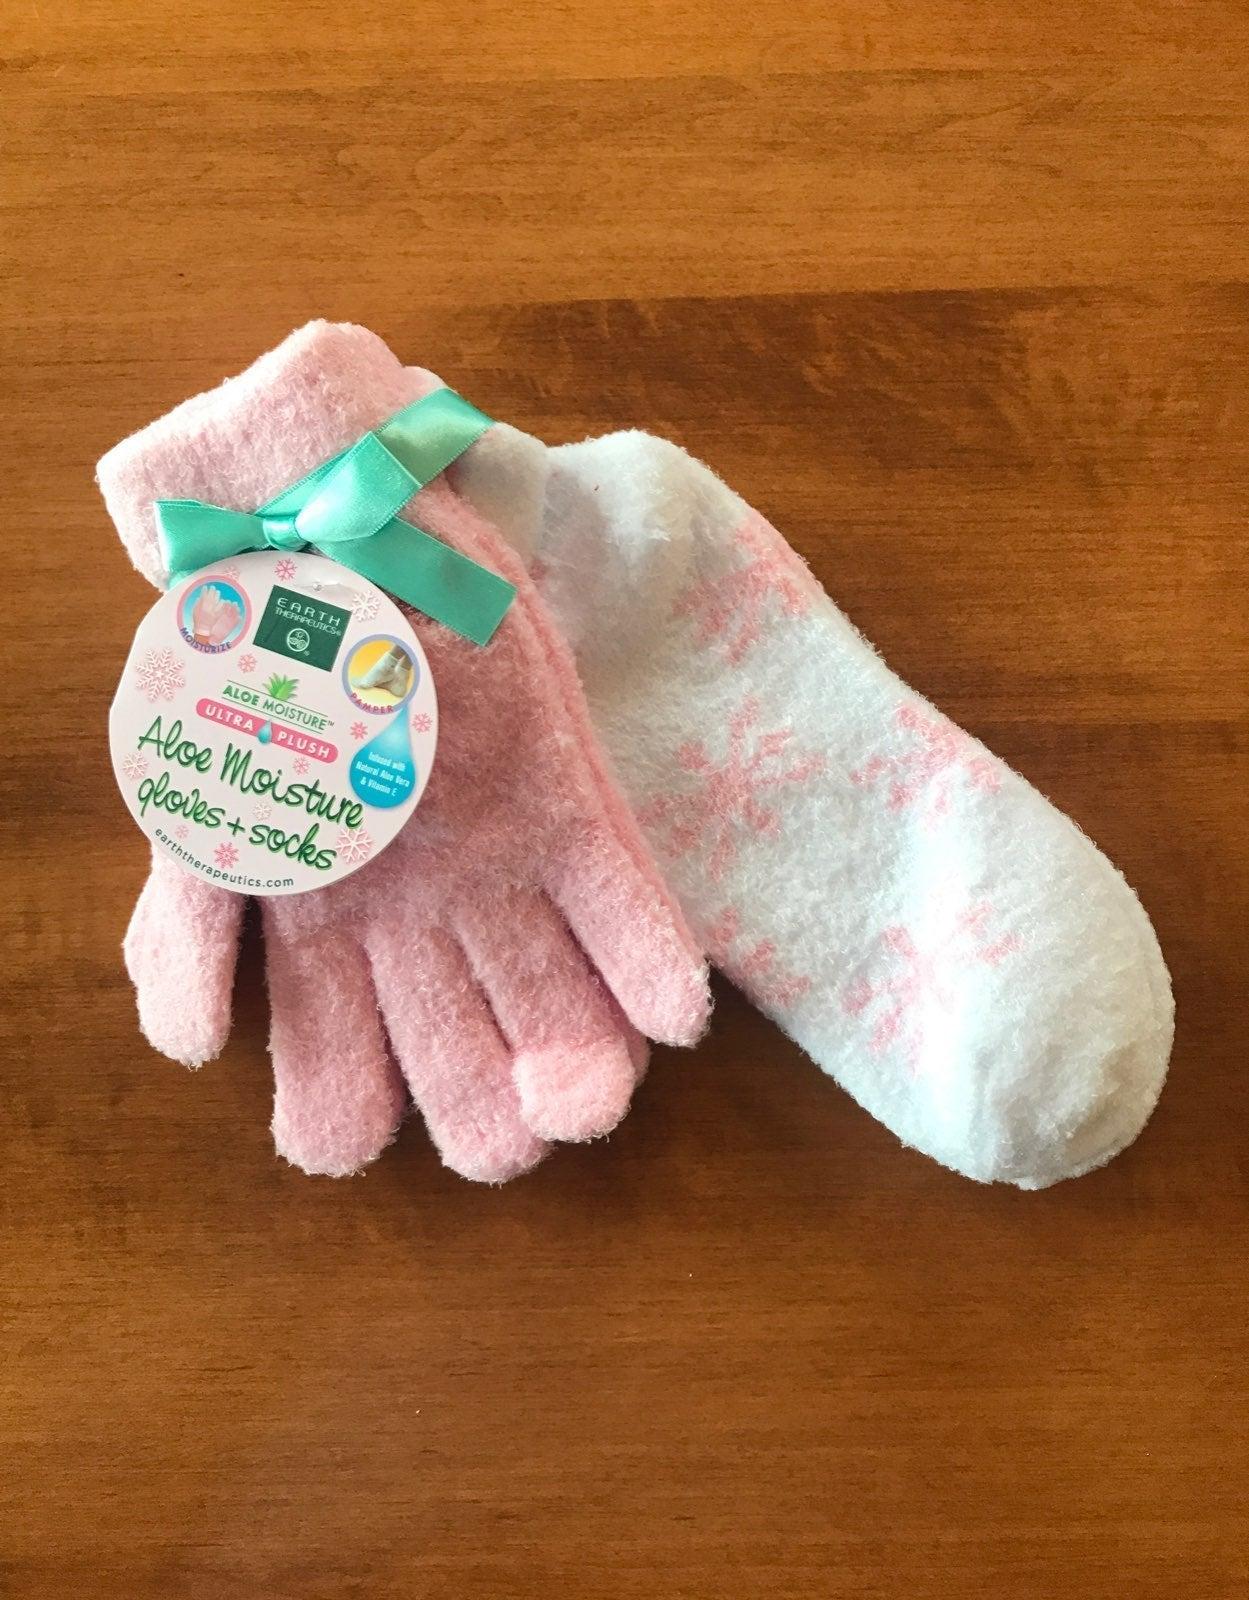 NEW Aloe Moisture Gloves & Socks Set